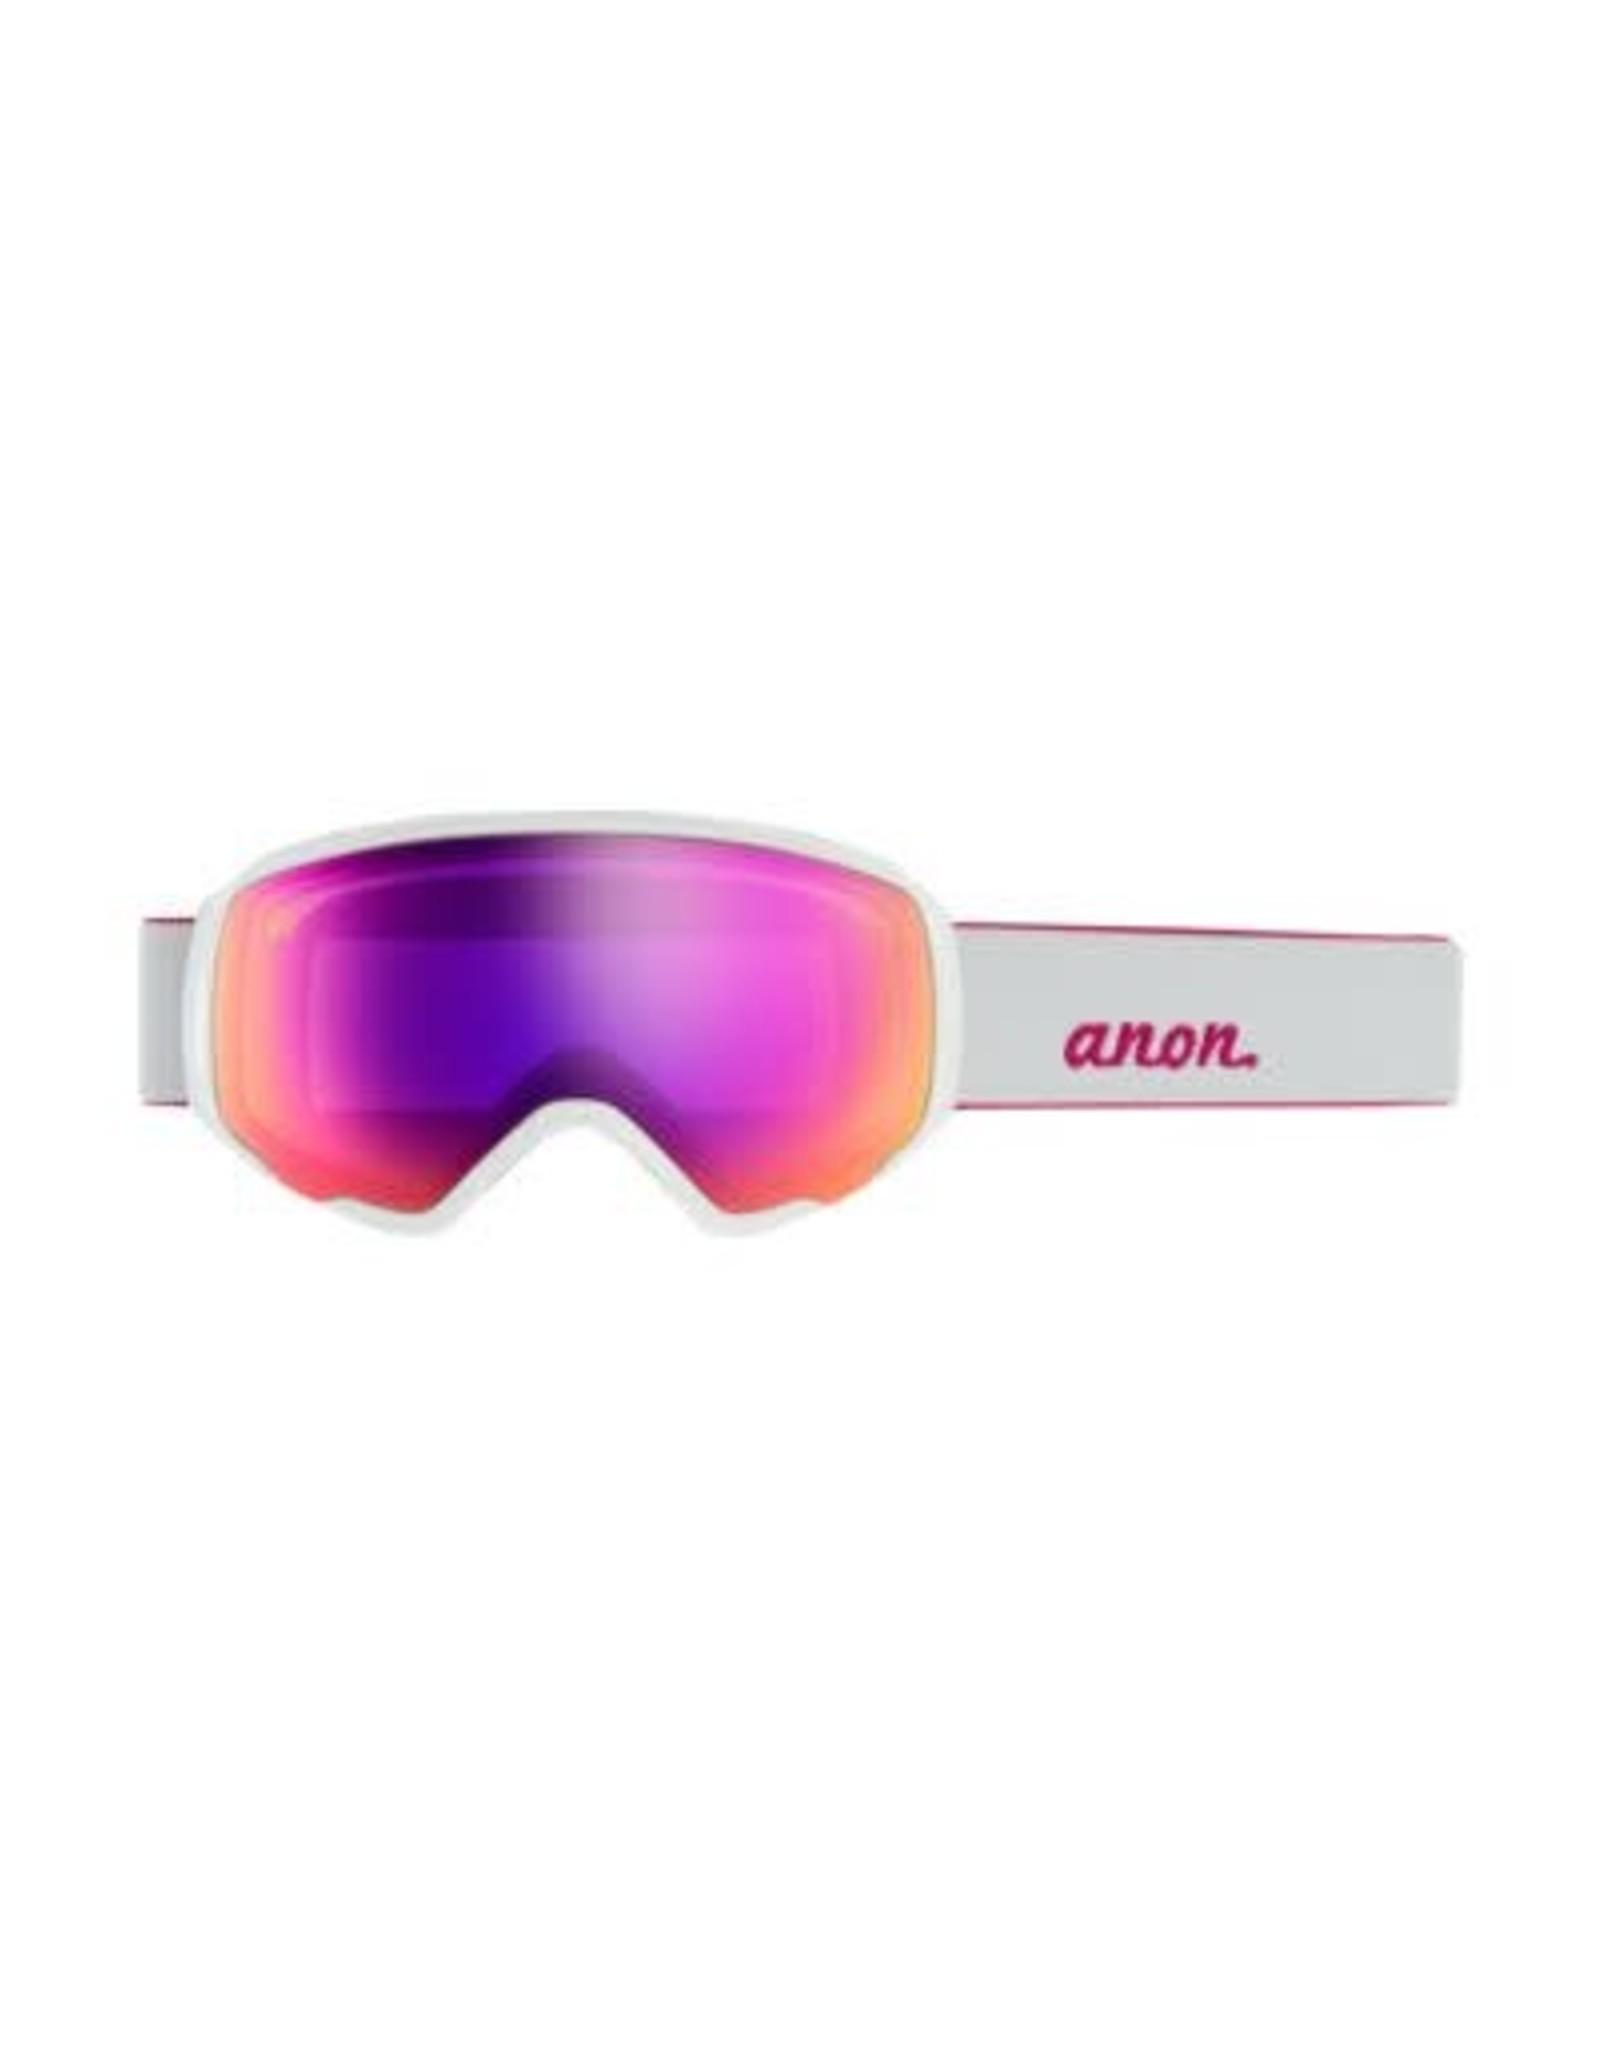 Anon Women's WM1 Goggle + Spare Lens